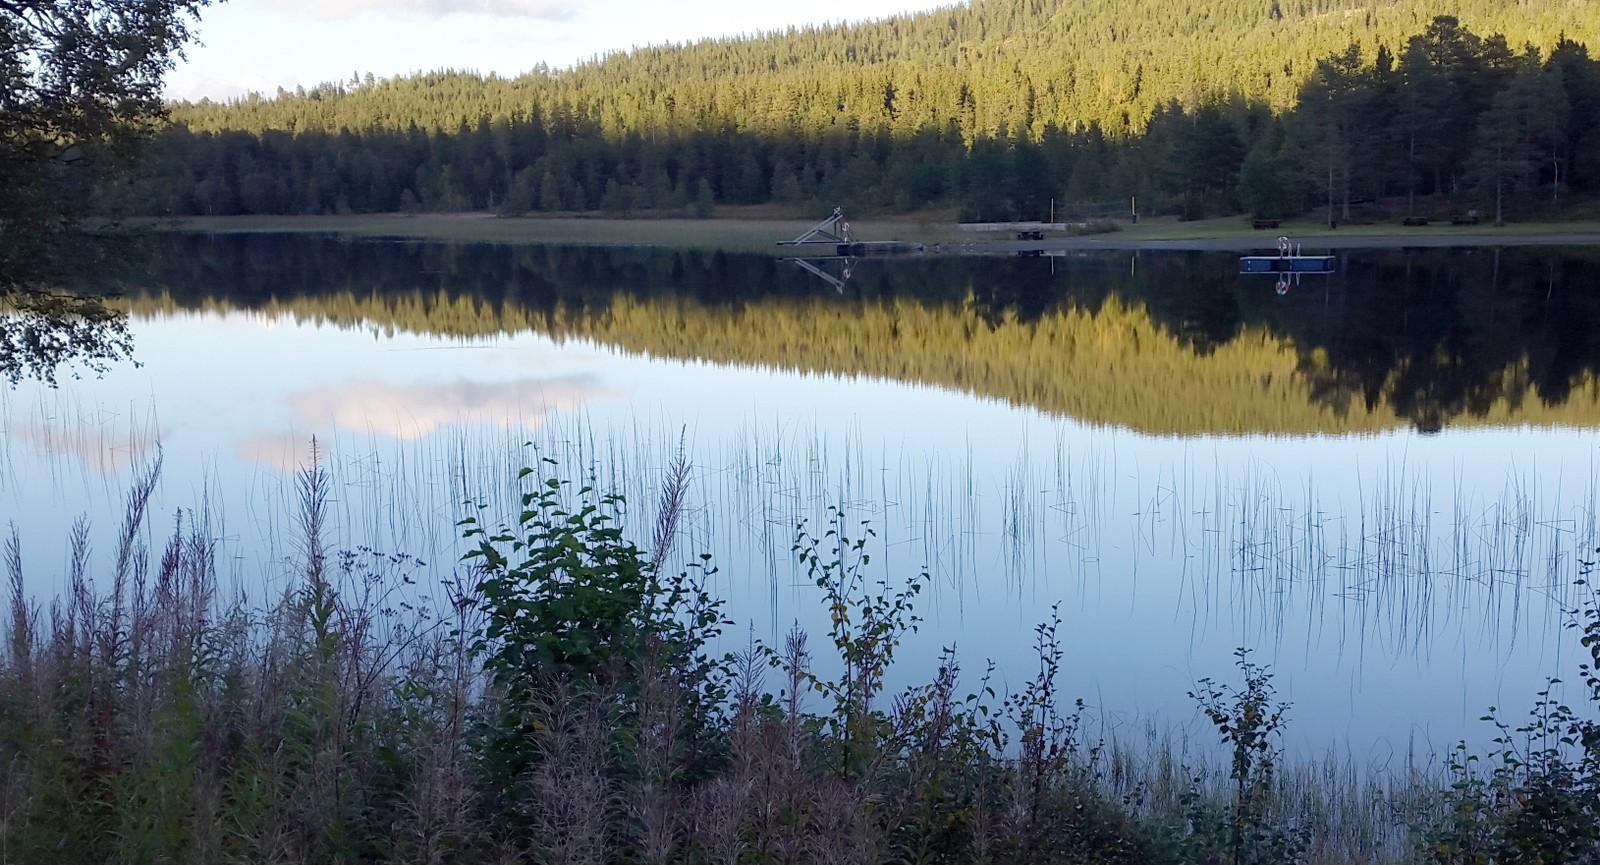 Badeplassen ved Buvatnet, Berkåk